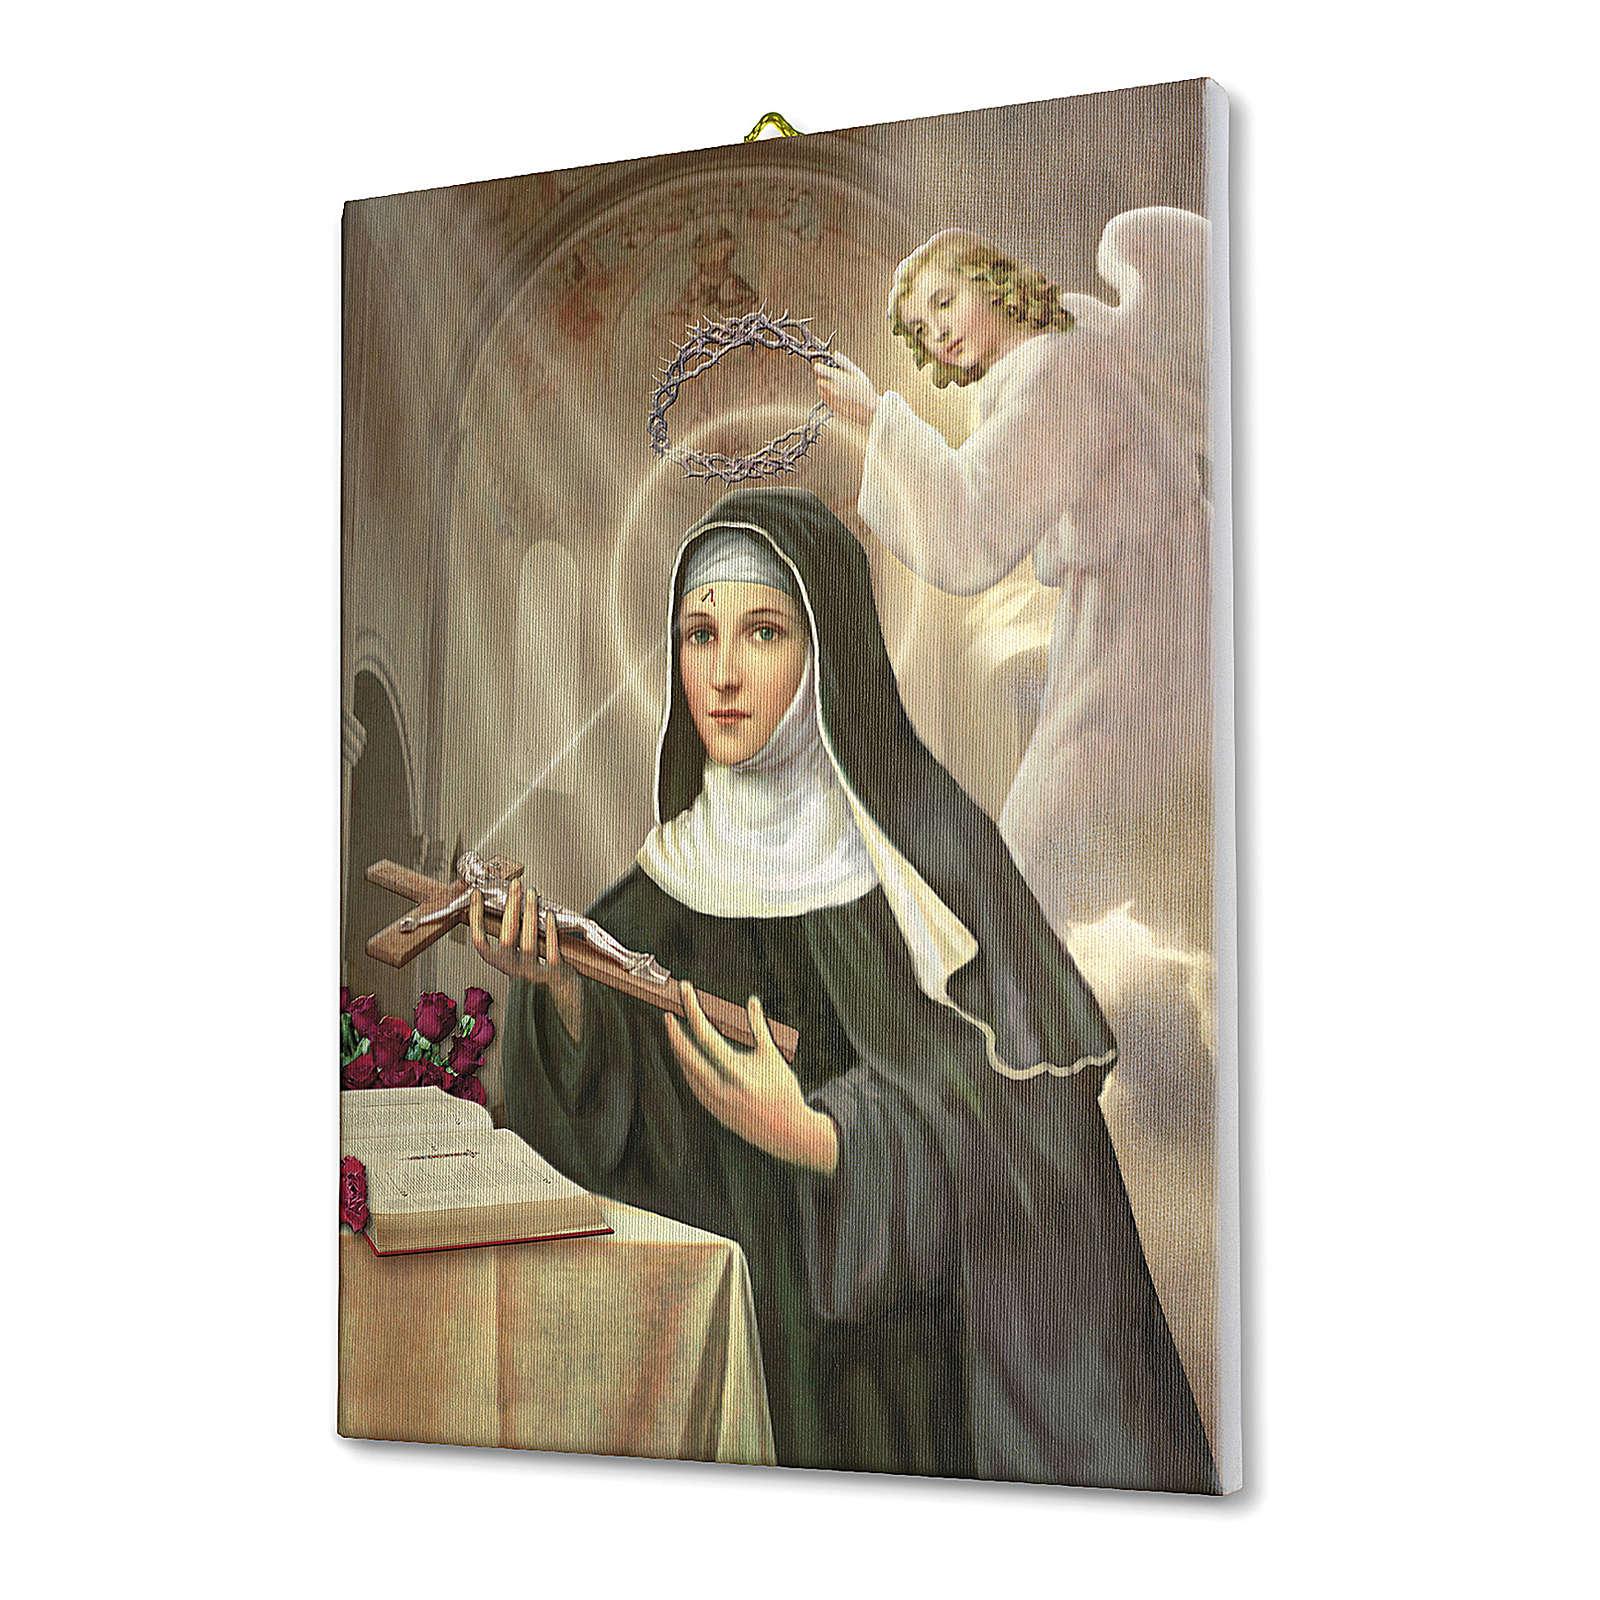 Obraz na płótnie święta Rita z Cascia 70x50cm 3